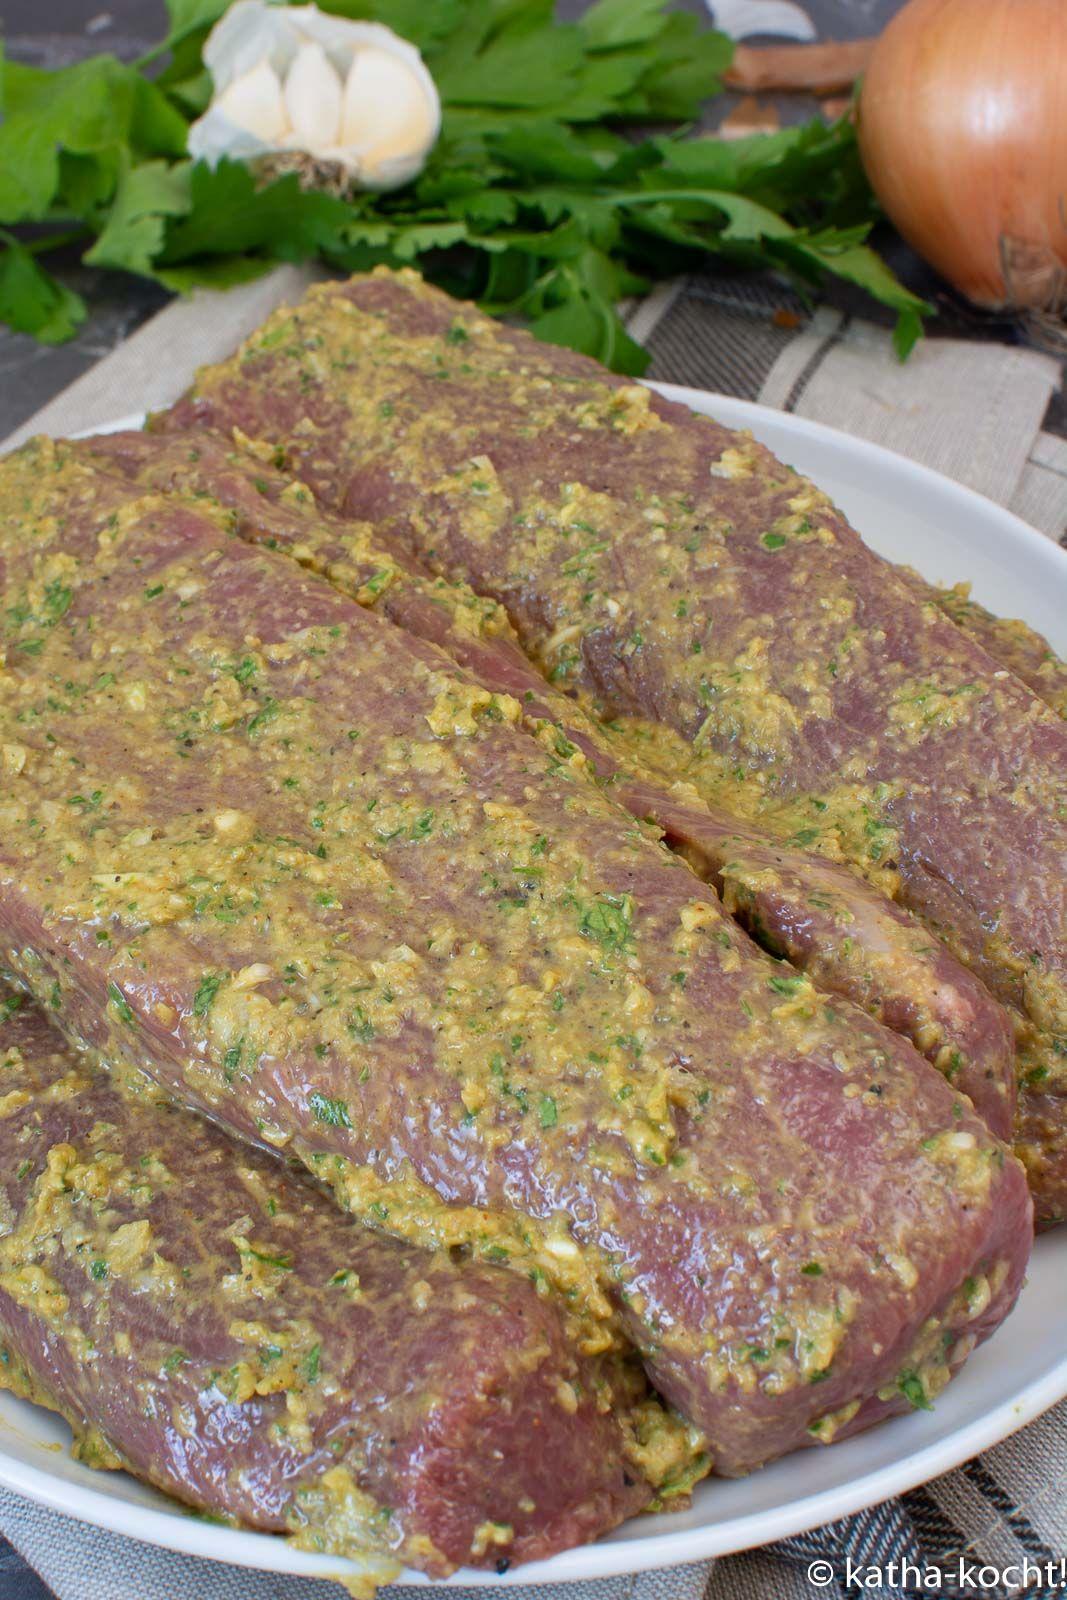 Grillmarinade - Lammrücken in Kräuter-Senf Marinade - Katha-kocht!